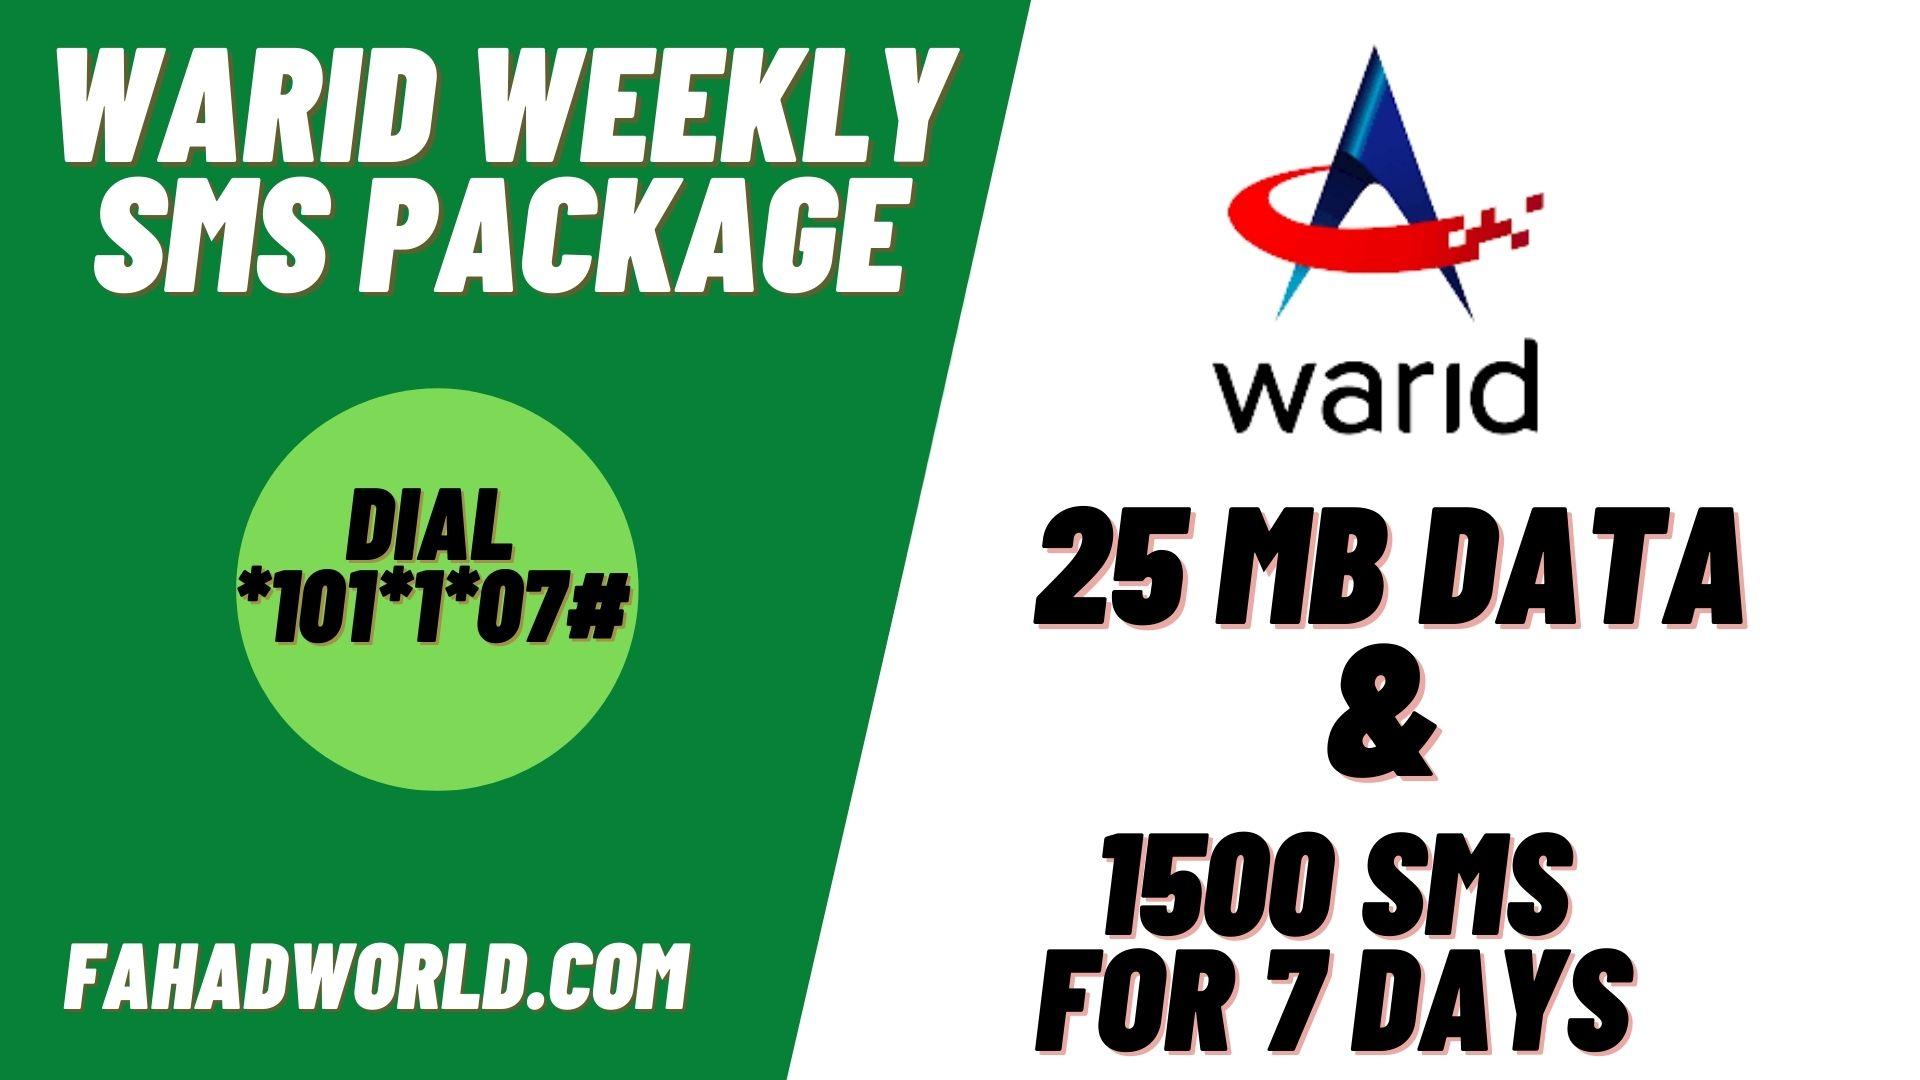 warid weekly sms package